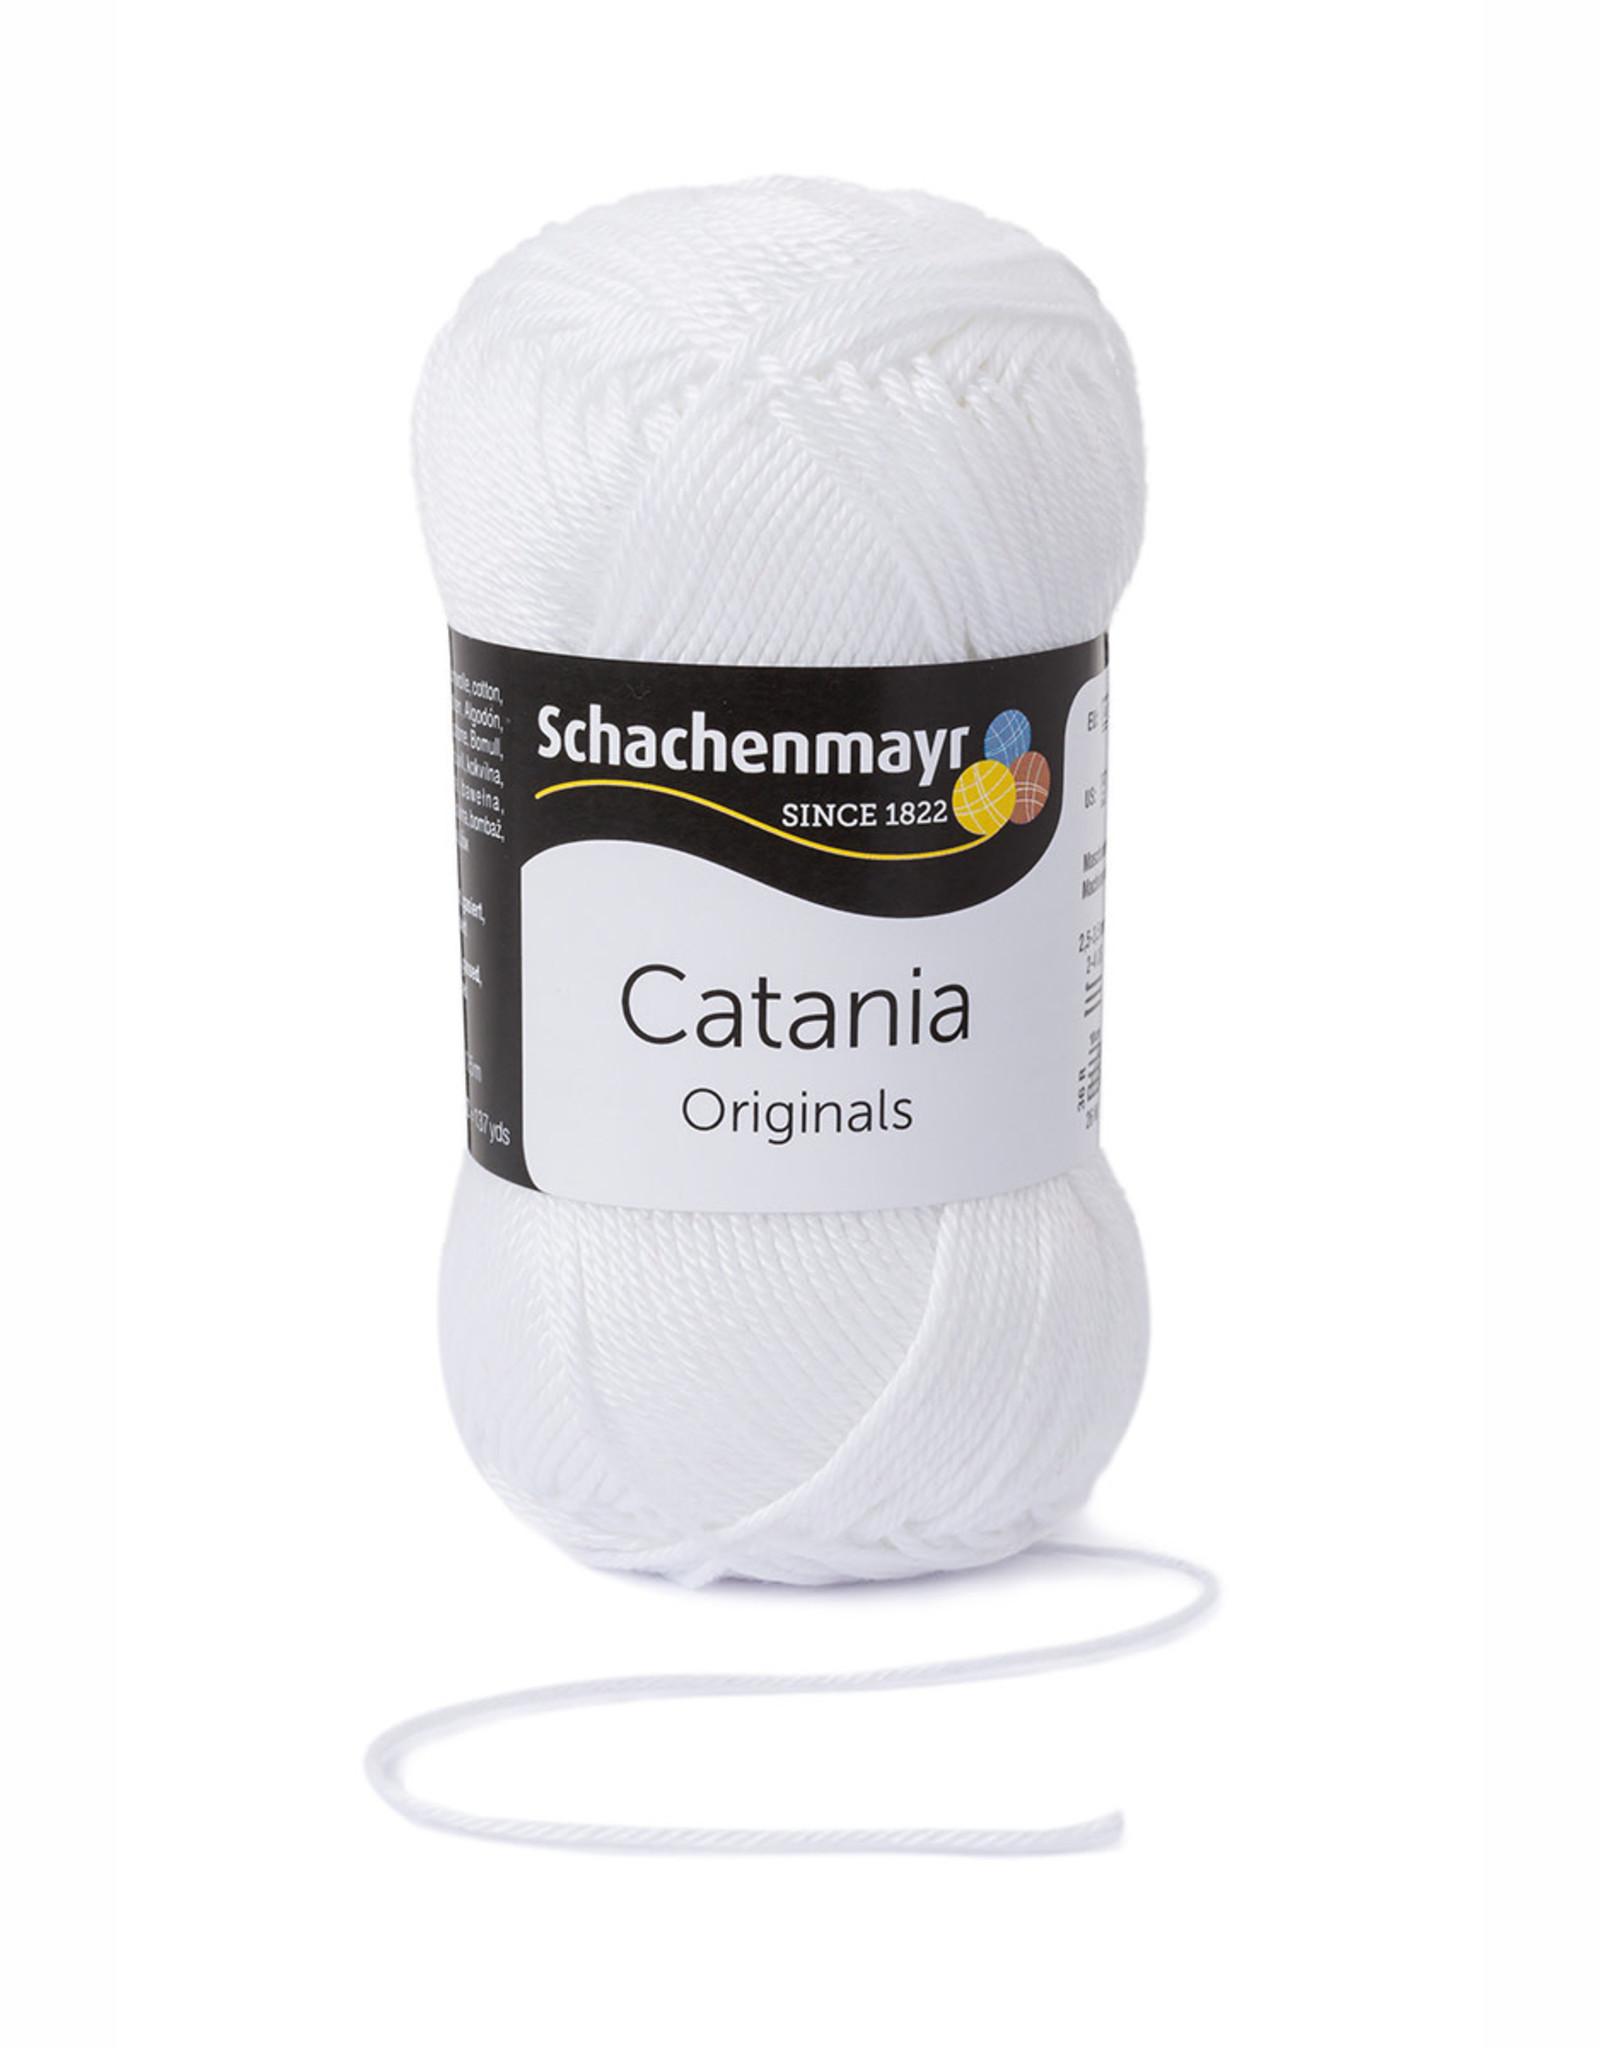 Schachenmayr Schachenmayr  - Catania 0106